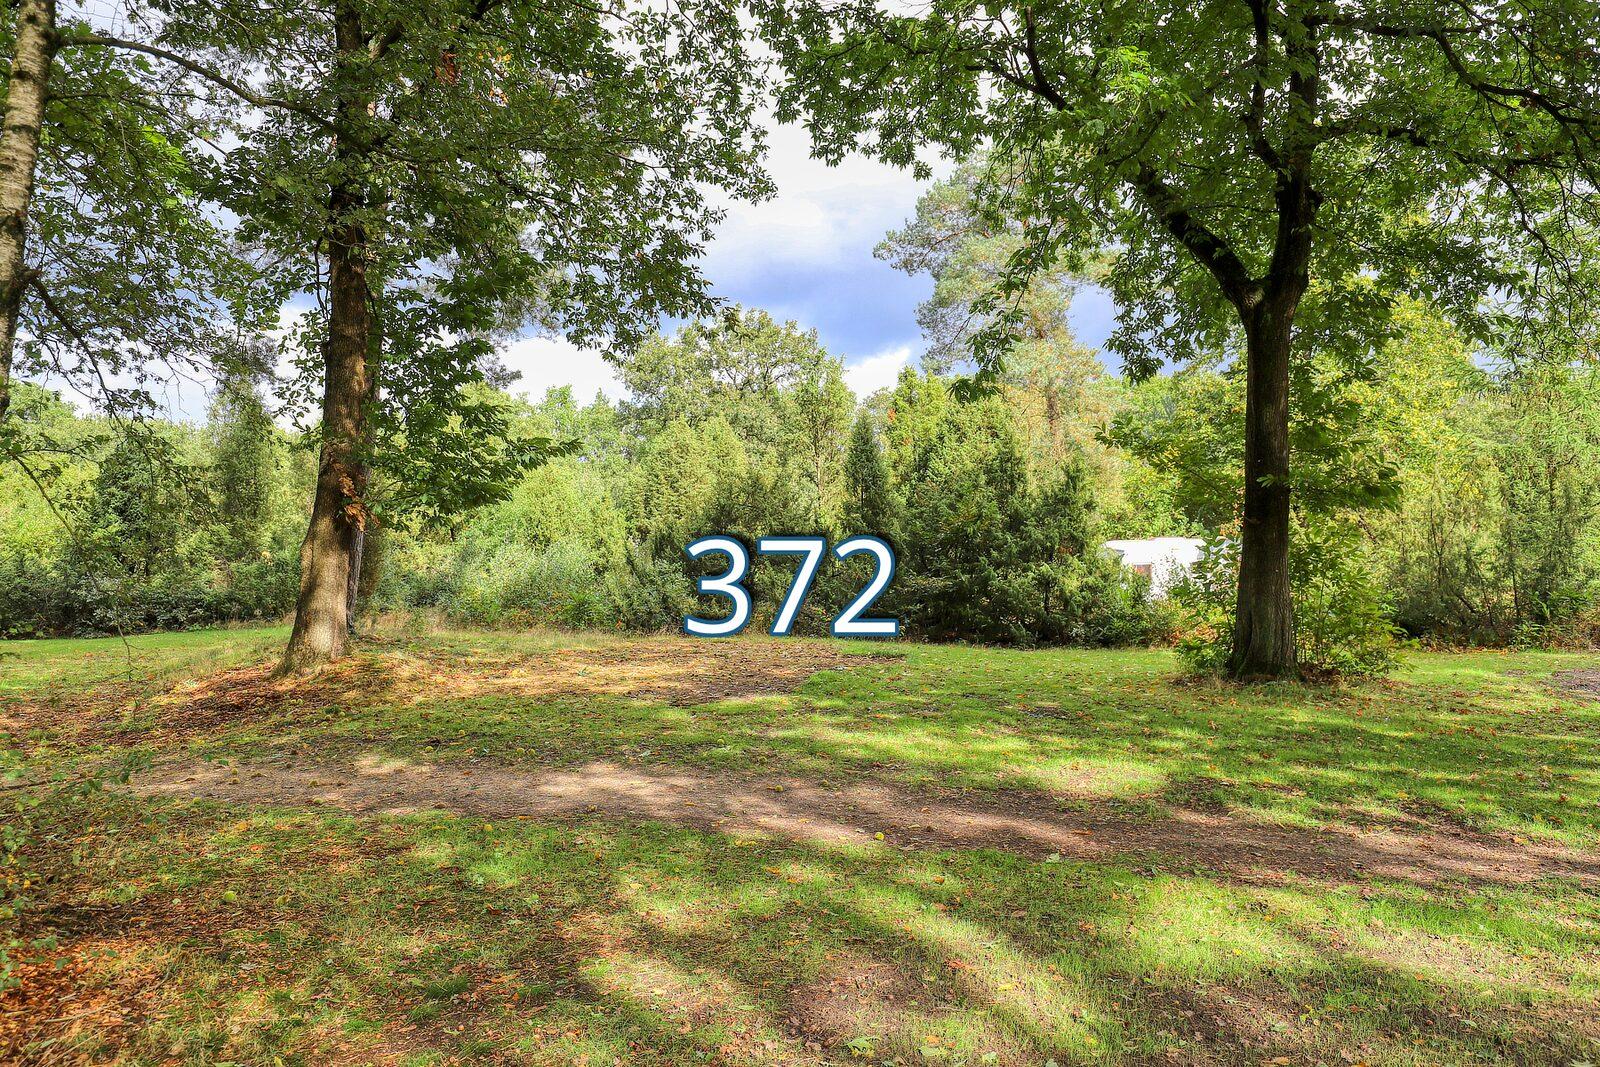 houtduif 372